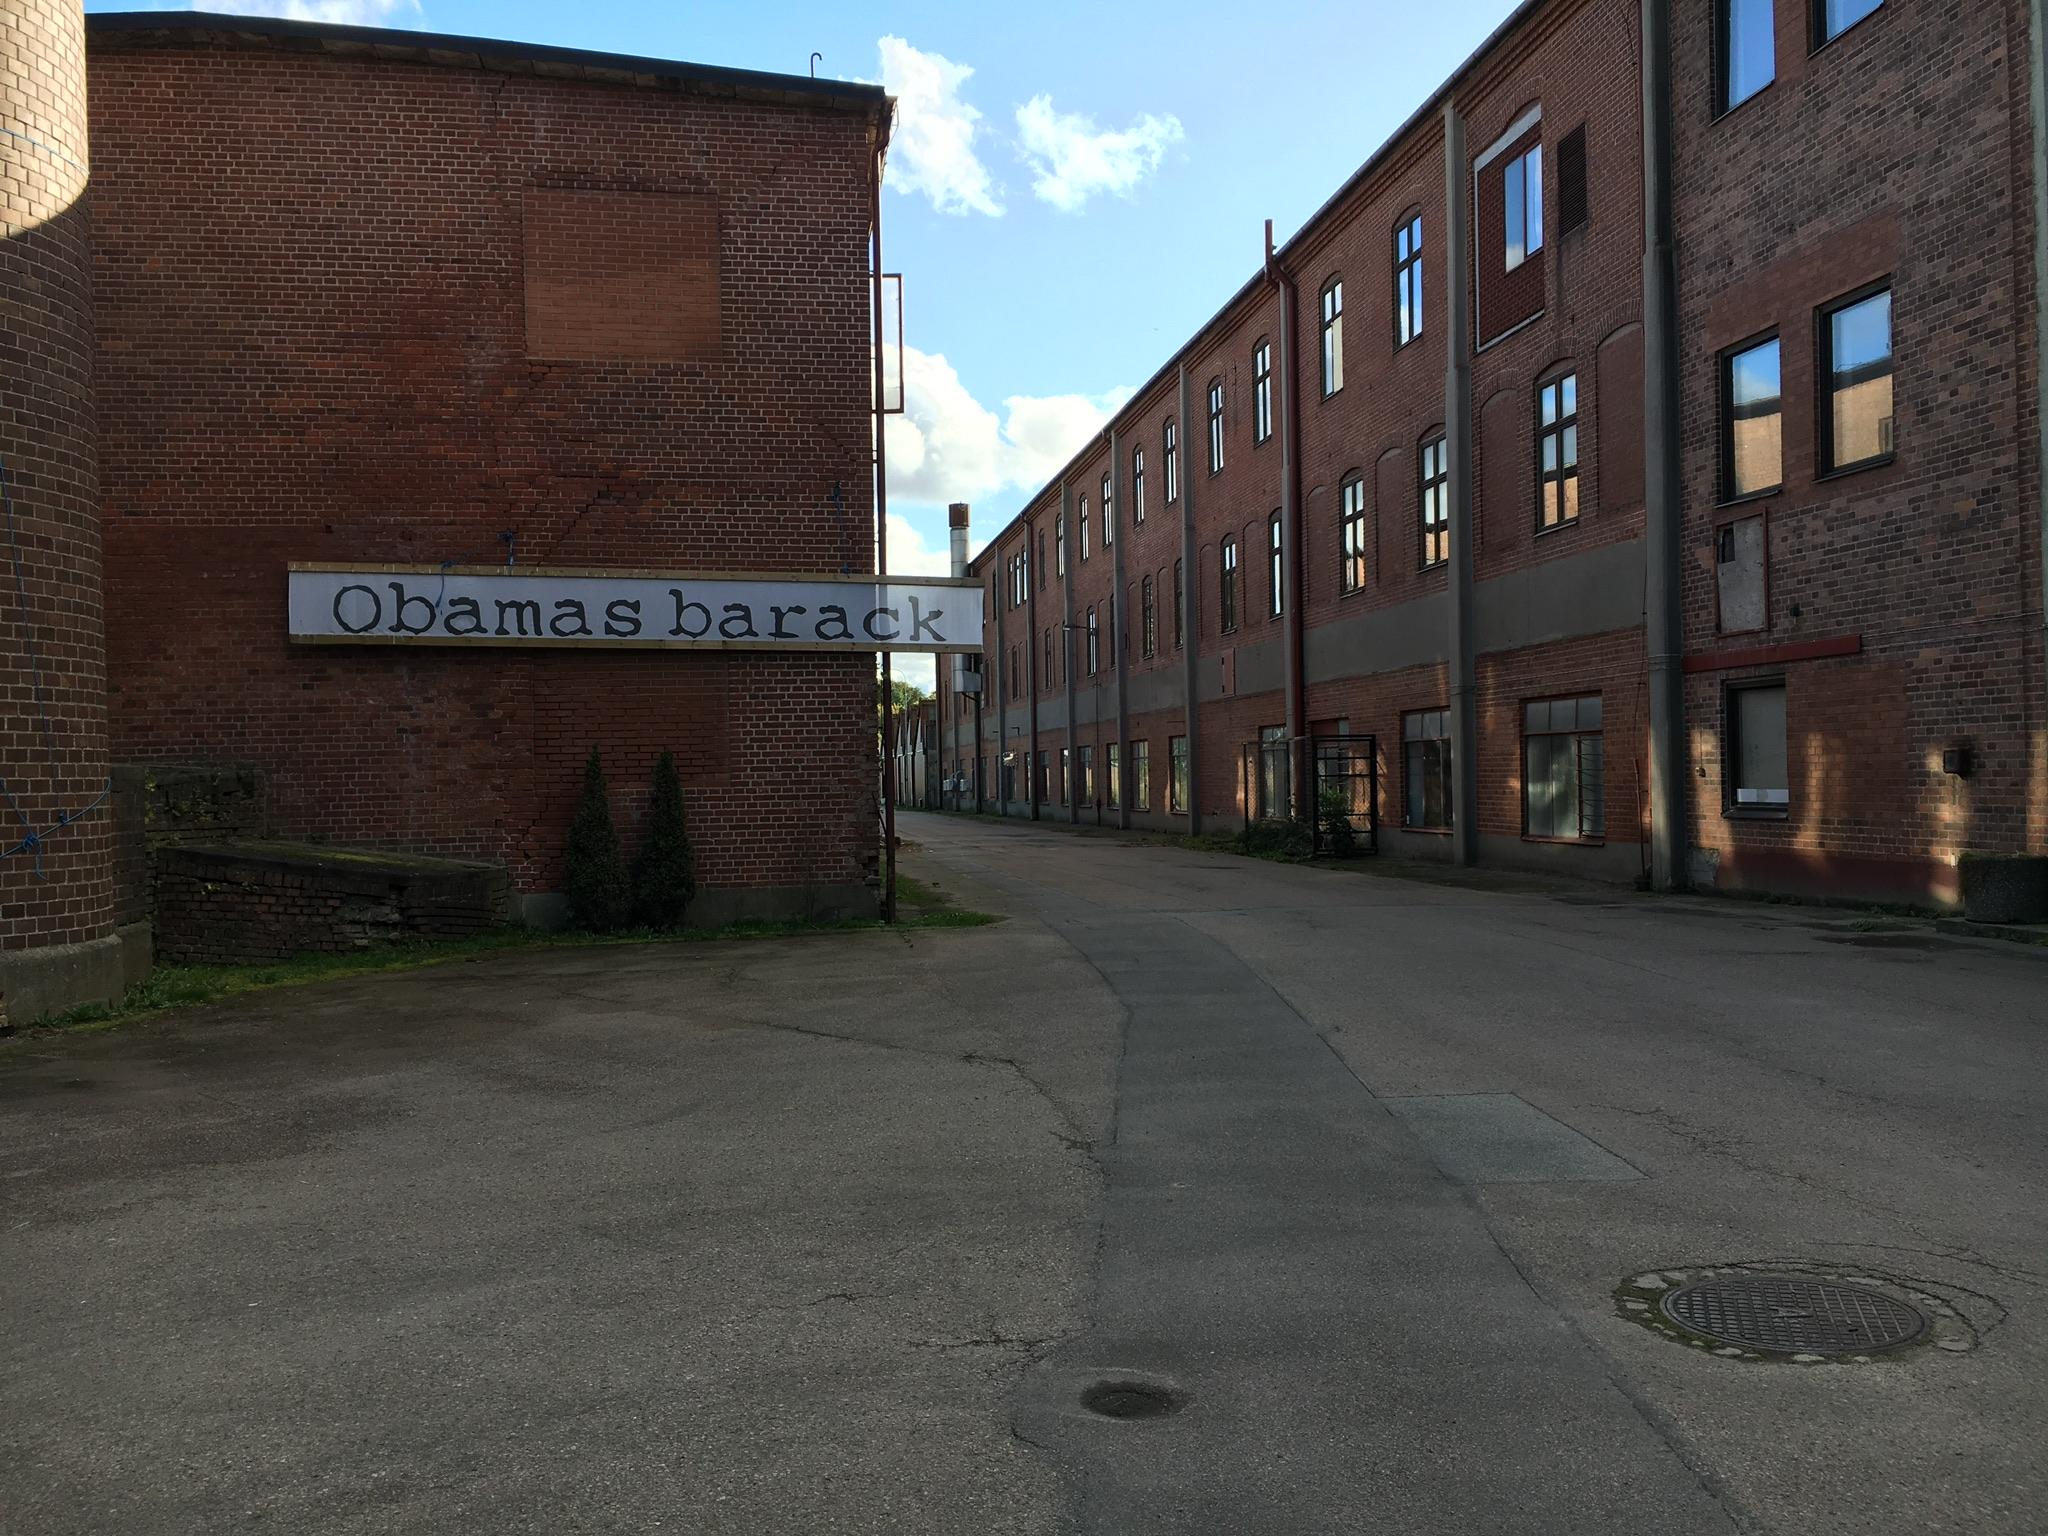 RÖSTÅNGA MÖLLA - Det ni ser på bilden är Röstånga Mölla's nya hem, nämligen Marieholms gamla yllefabrik. Röstånga Mölla startades av Rickard Forshufvud -en agronom, spannmålsodlare och bagare, som idag är mångsysslare och har flera pågående projekt. Marieholms Yllefabrik ska bli ett återförbrukscentrum.